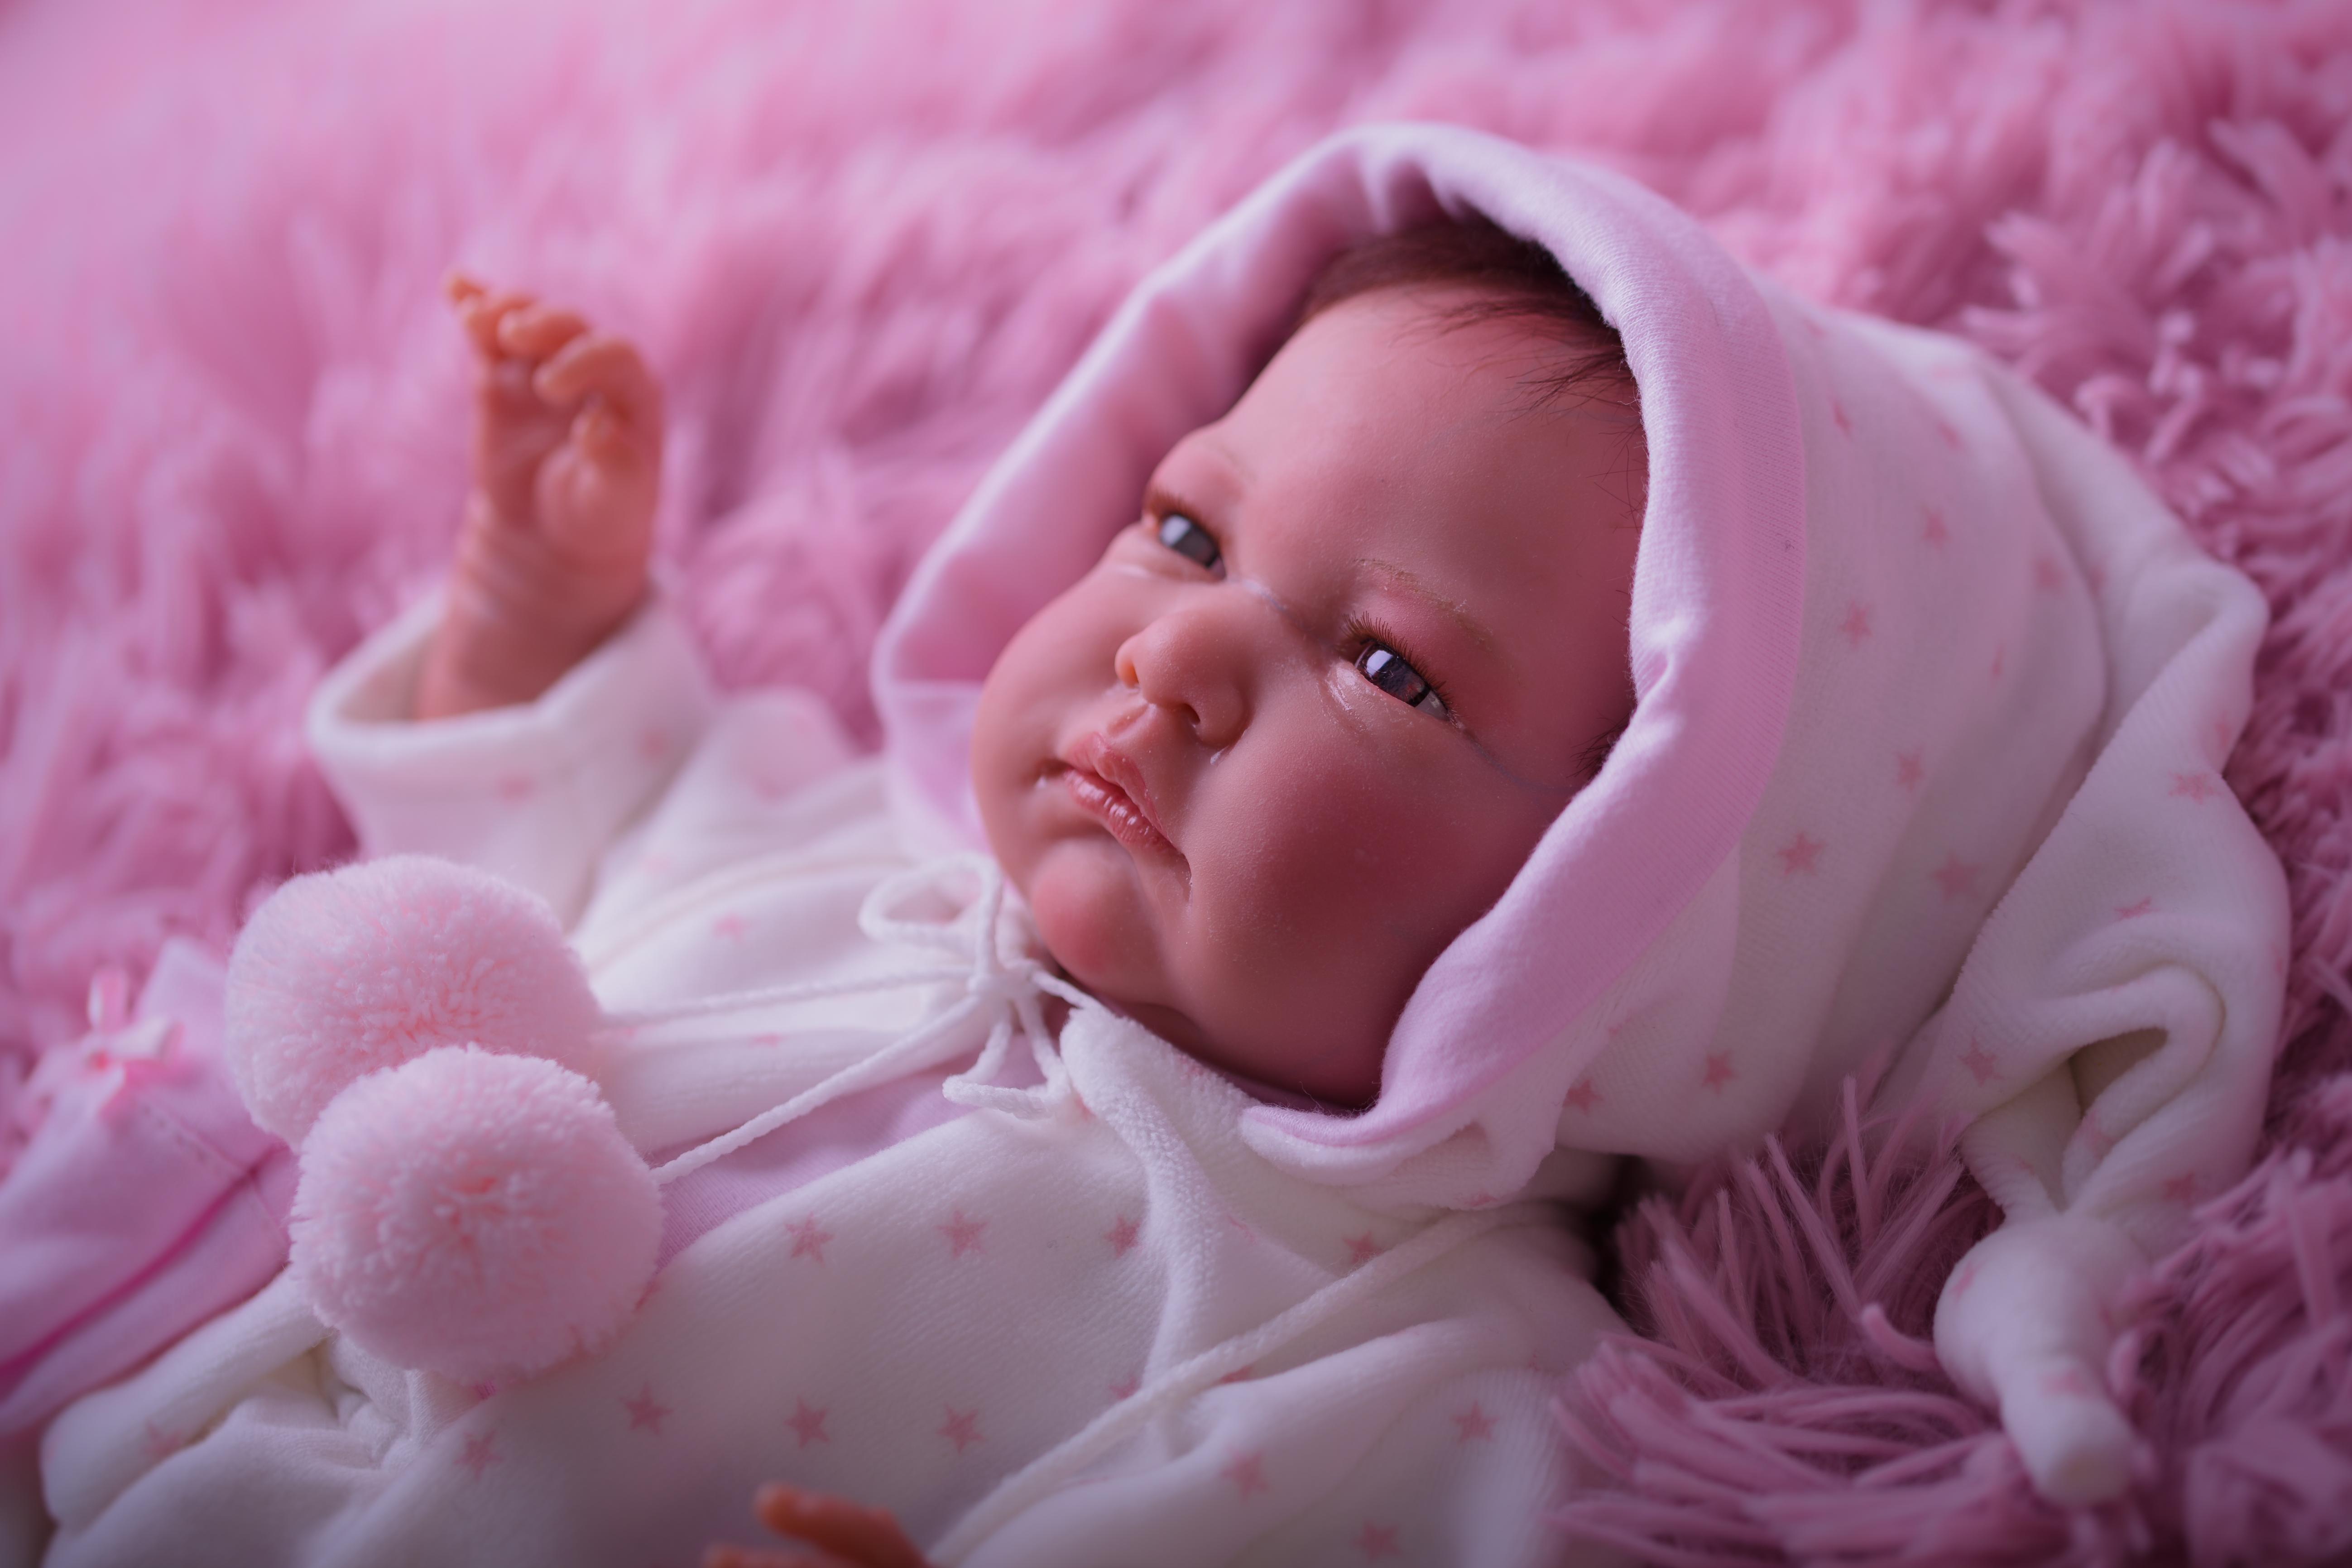 fea38c64527 bebe reborn llorens palaciodeljuguete juguetes muñecas 2. COMPRAR AHORA